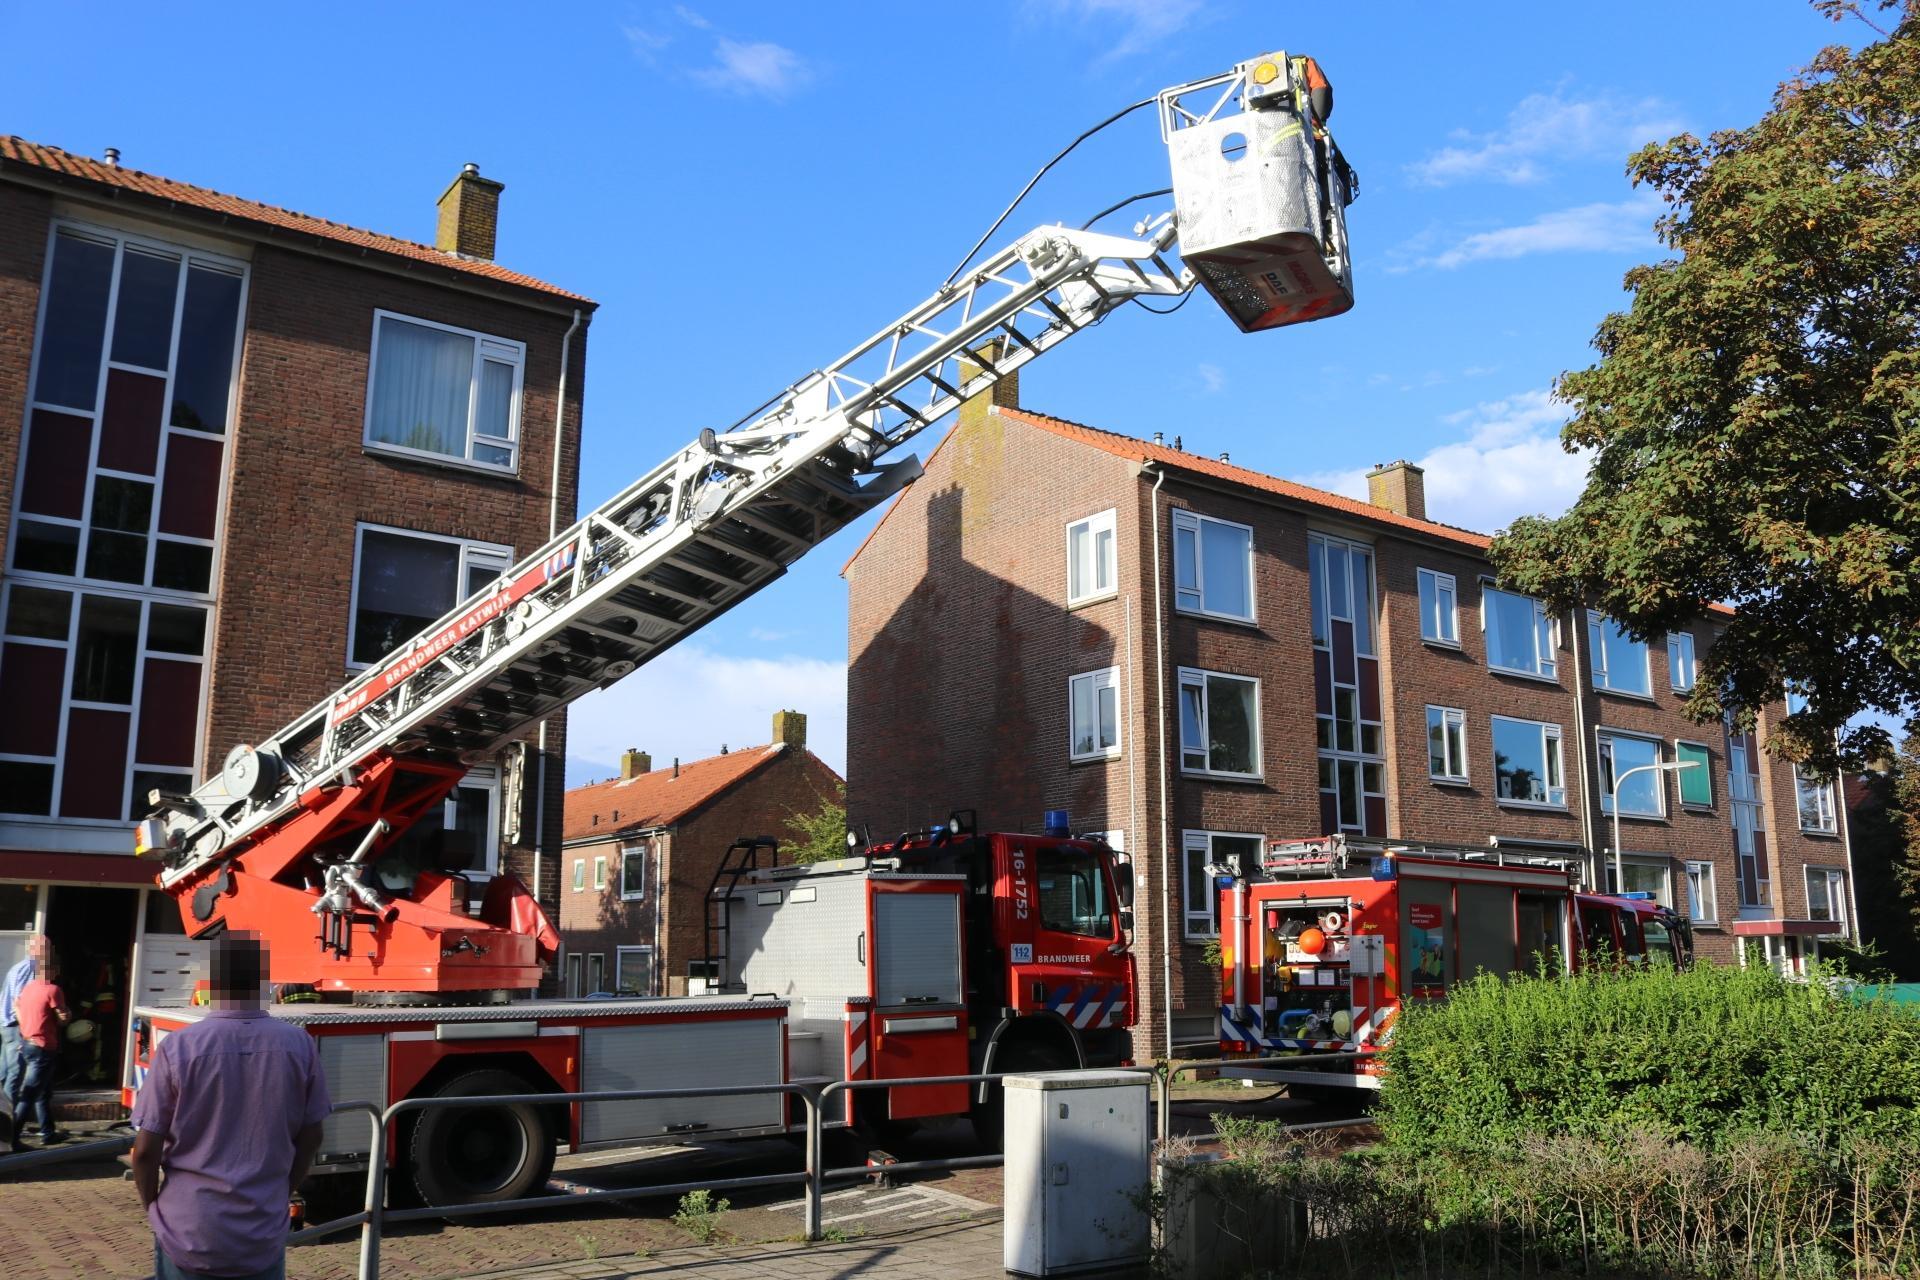 Blikseminslag veroorzaakt brand in portiekwoning Katwijk